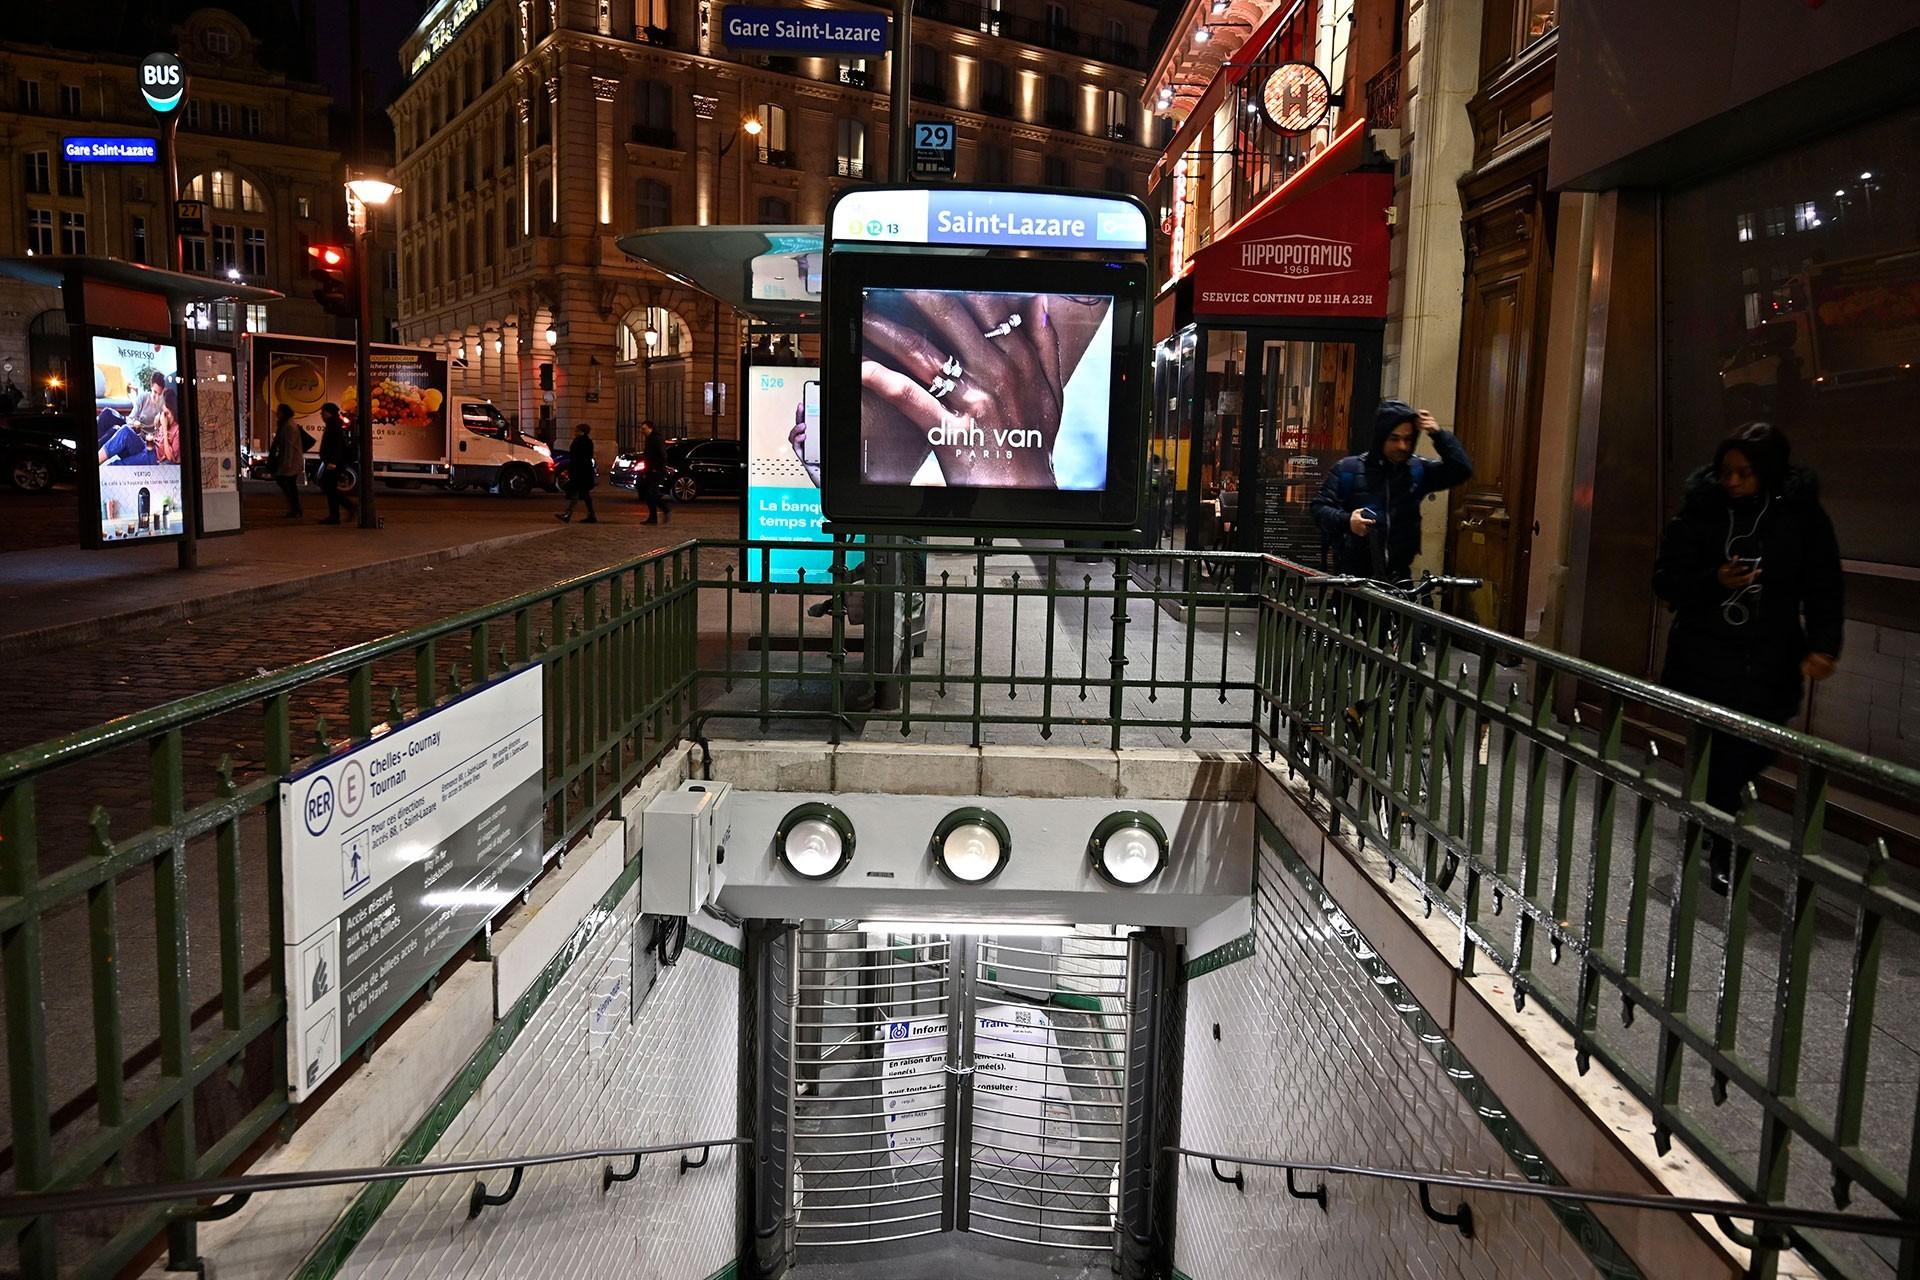 Fransa'da genel grev nedeniyle metro istasyonları boş